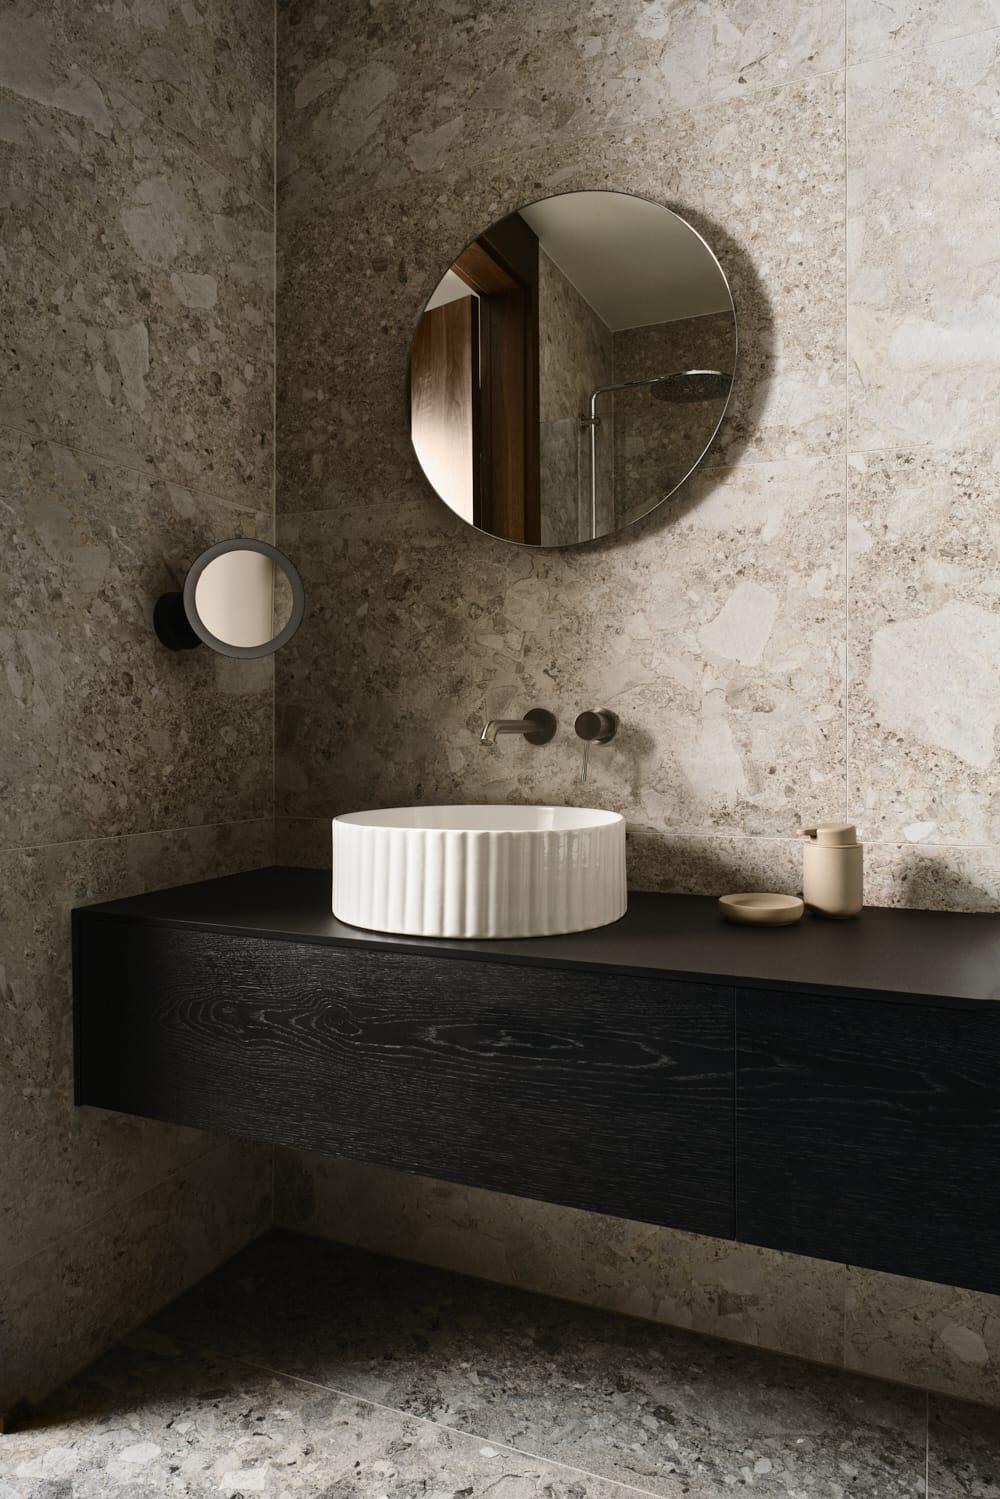 yarmush-interiors-pia-201120154020-14509